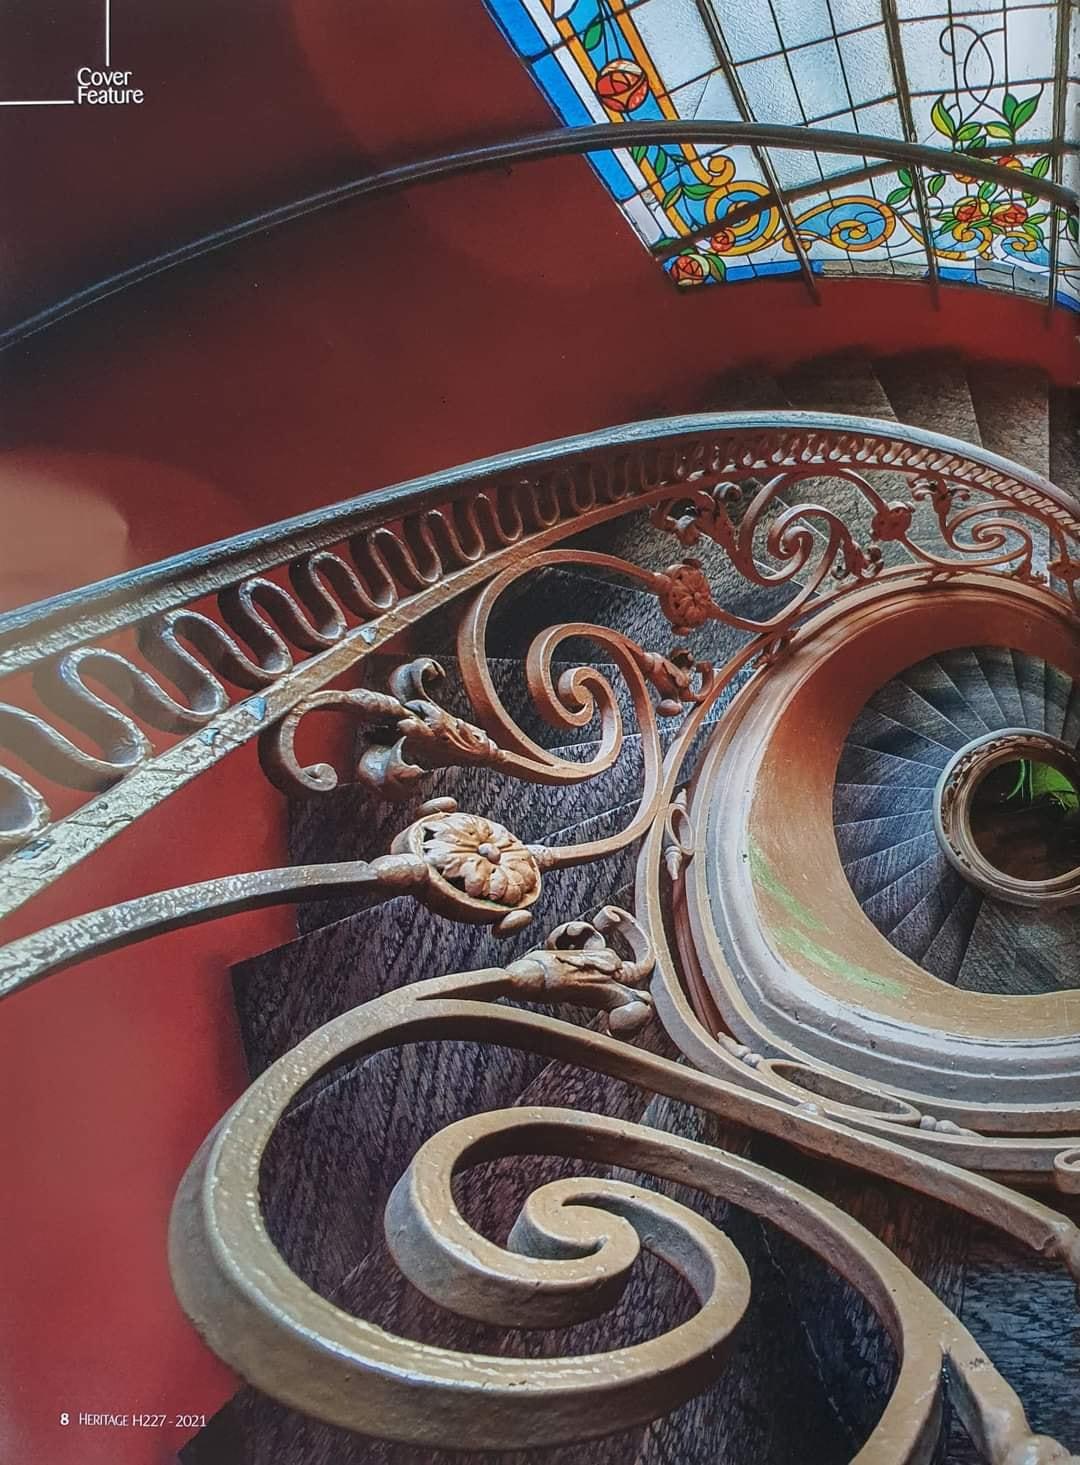 Bảo tàng Mỹ thuật TP.HCM là địa điểm giới trẻ ưa thích đến tìm hiểu giá trị văn hóa và kiến trúc độc đáo